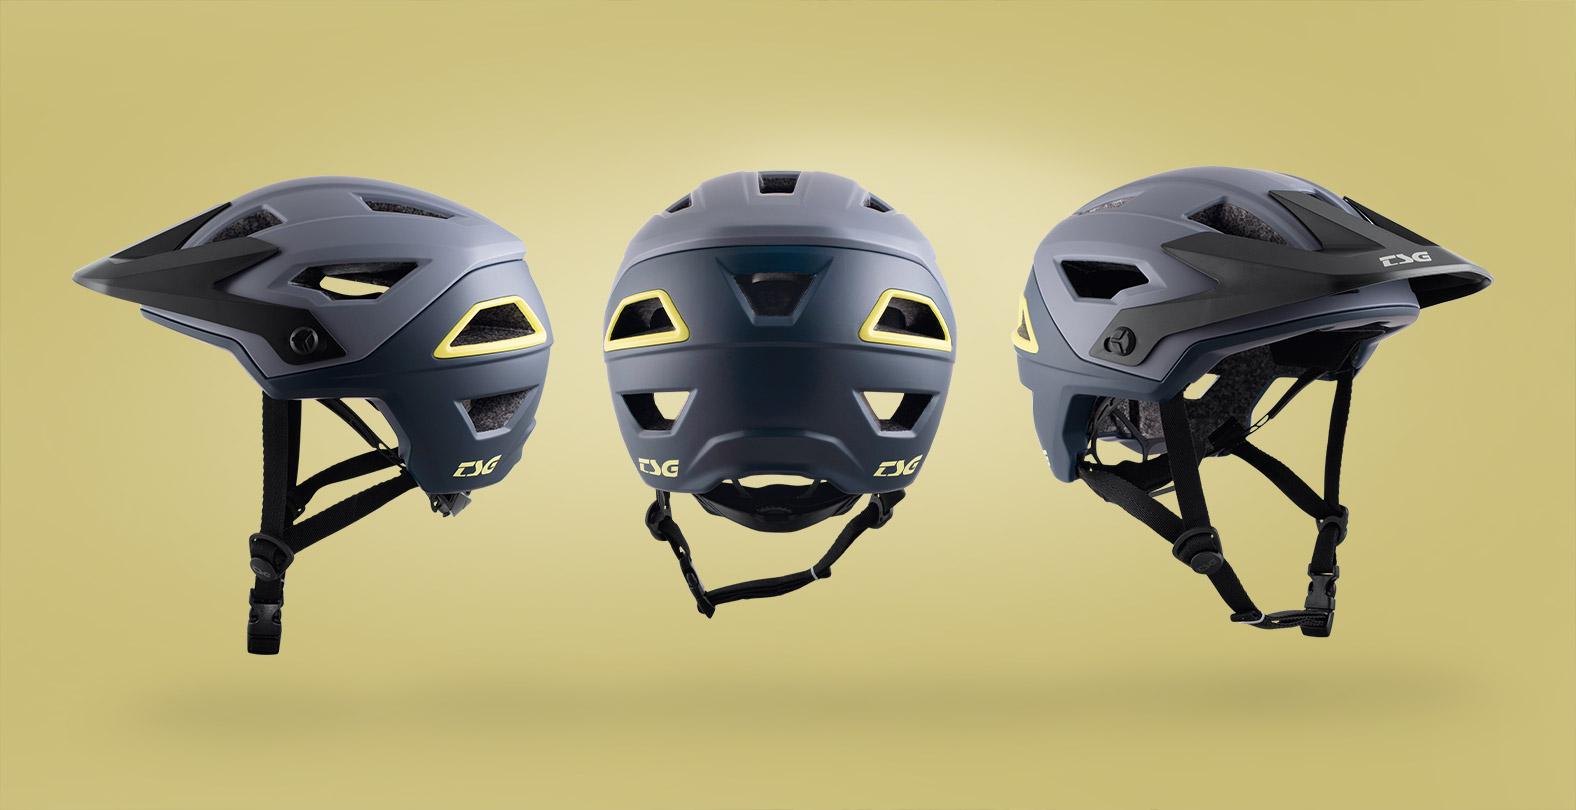 TSG Chatter Bike Helmet